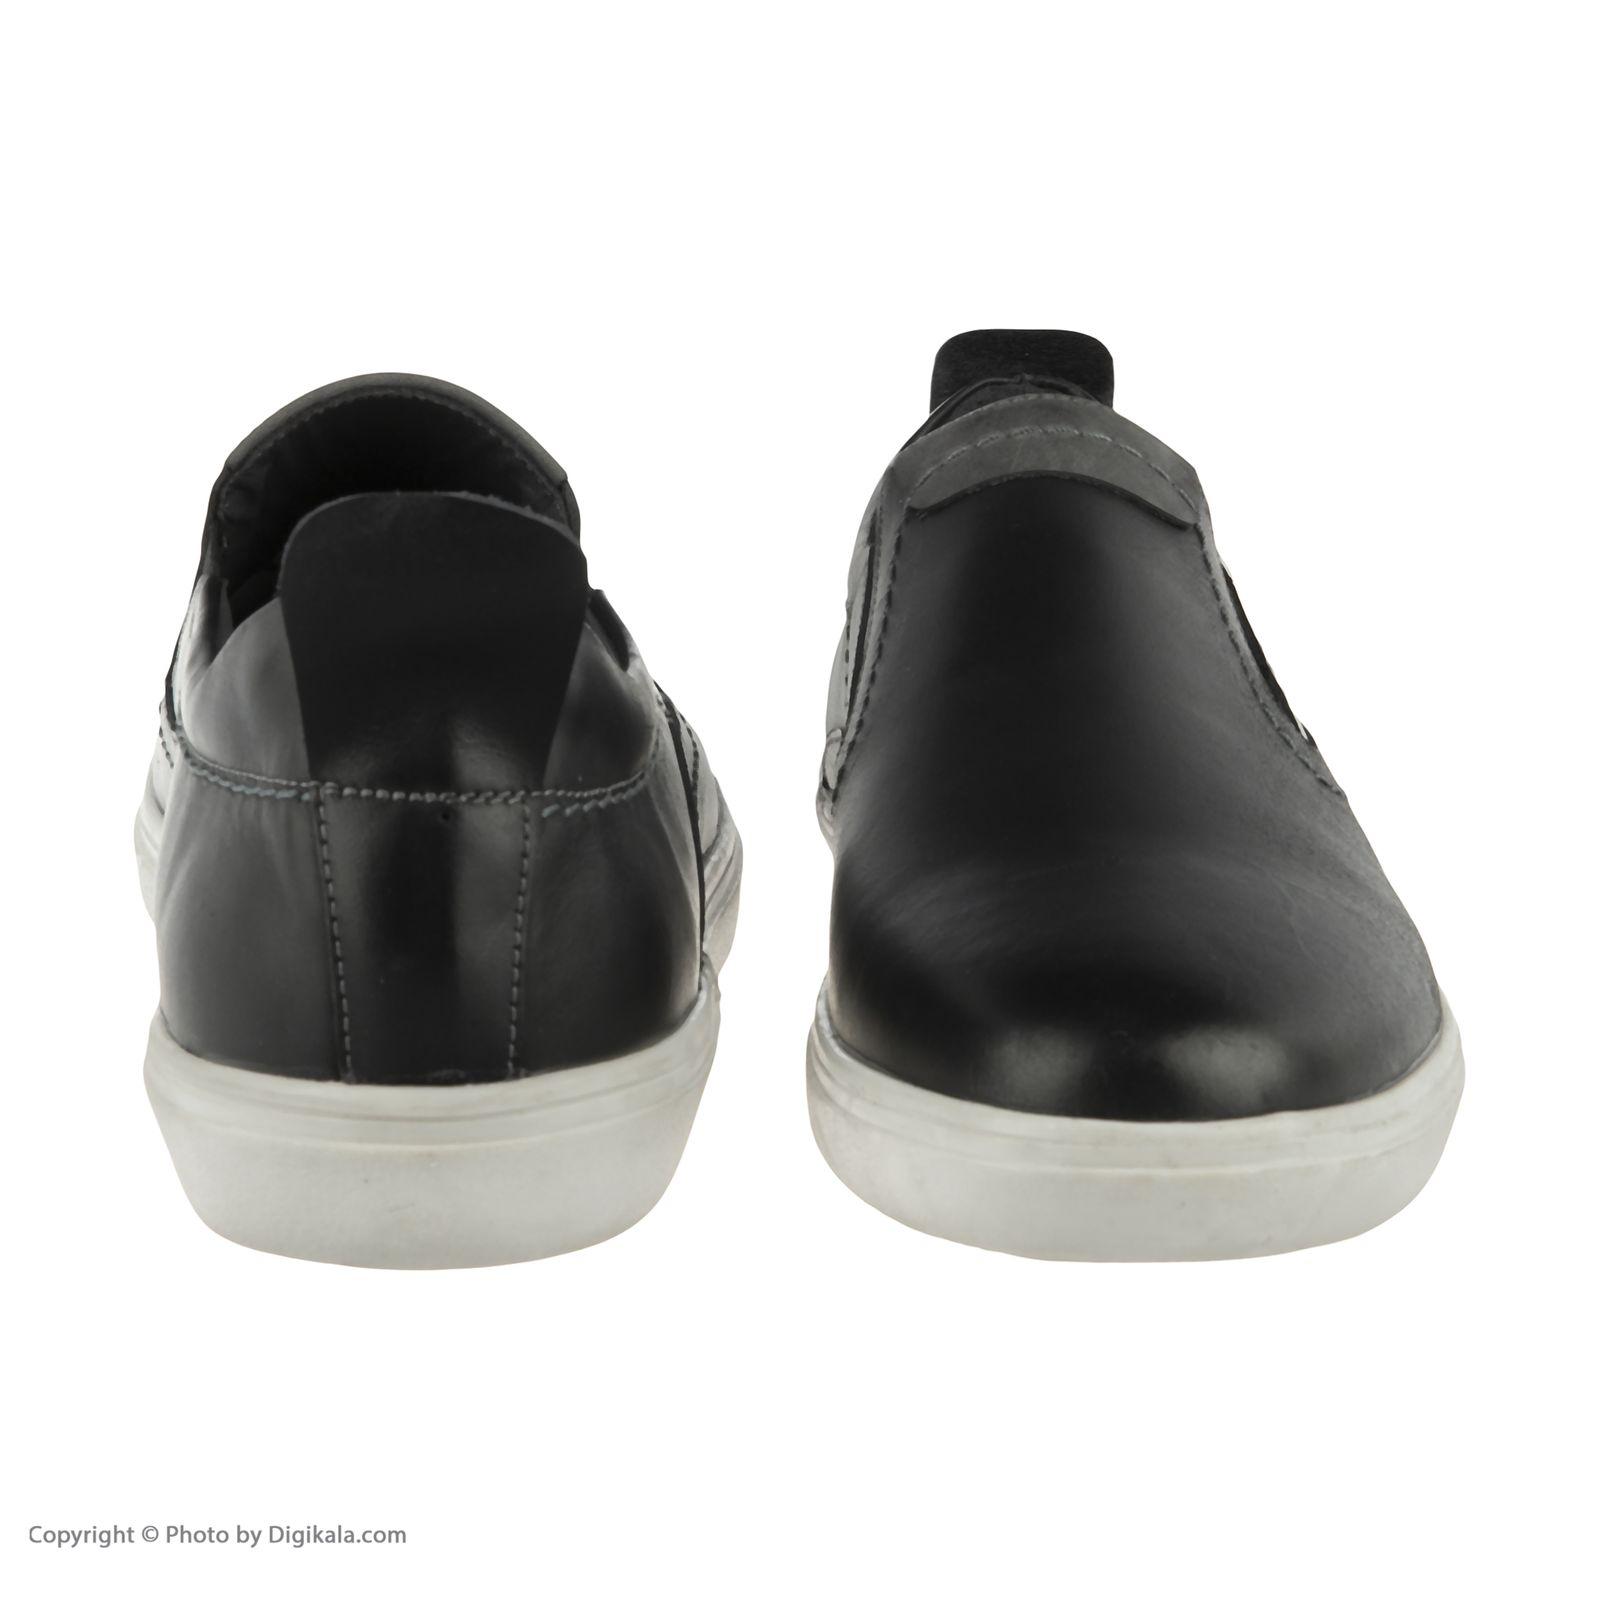 کفش روزمره مردانه سوته مدل 5038A503101 -  - 4